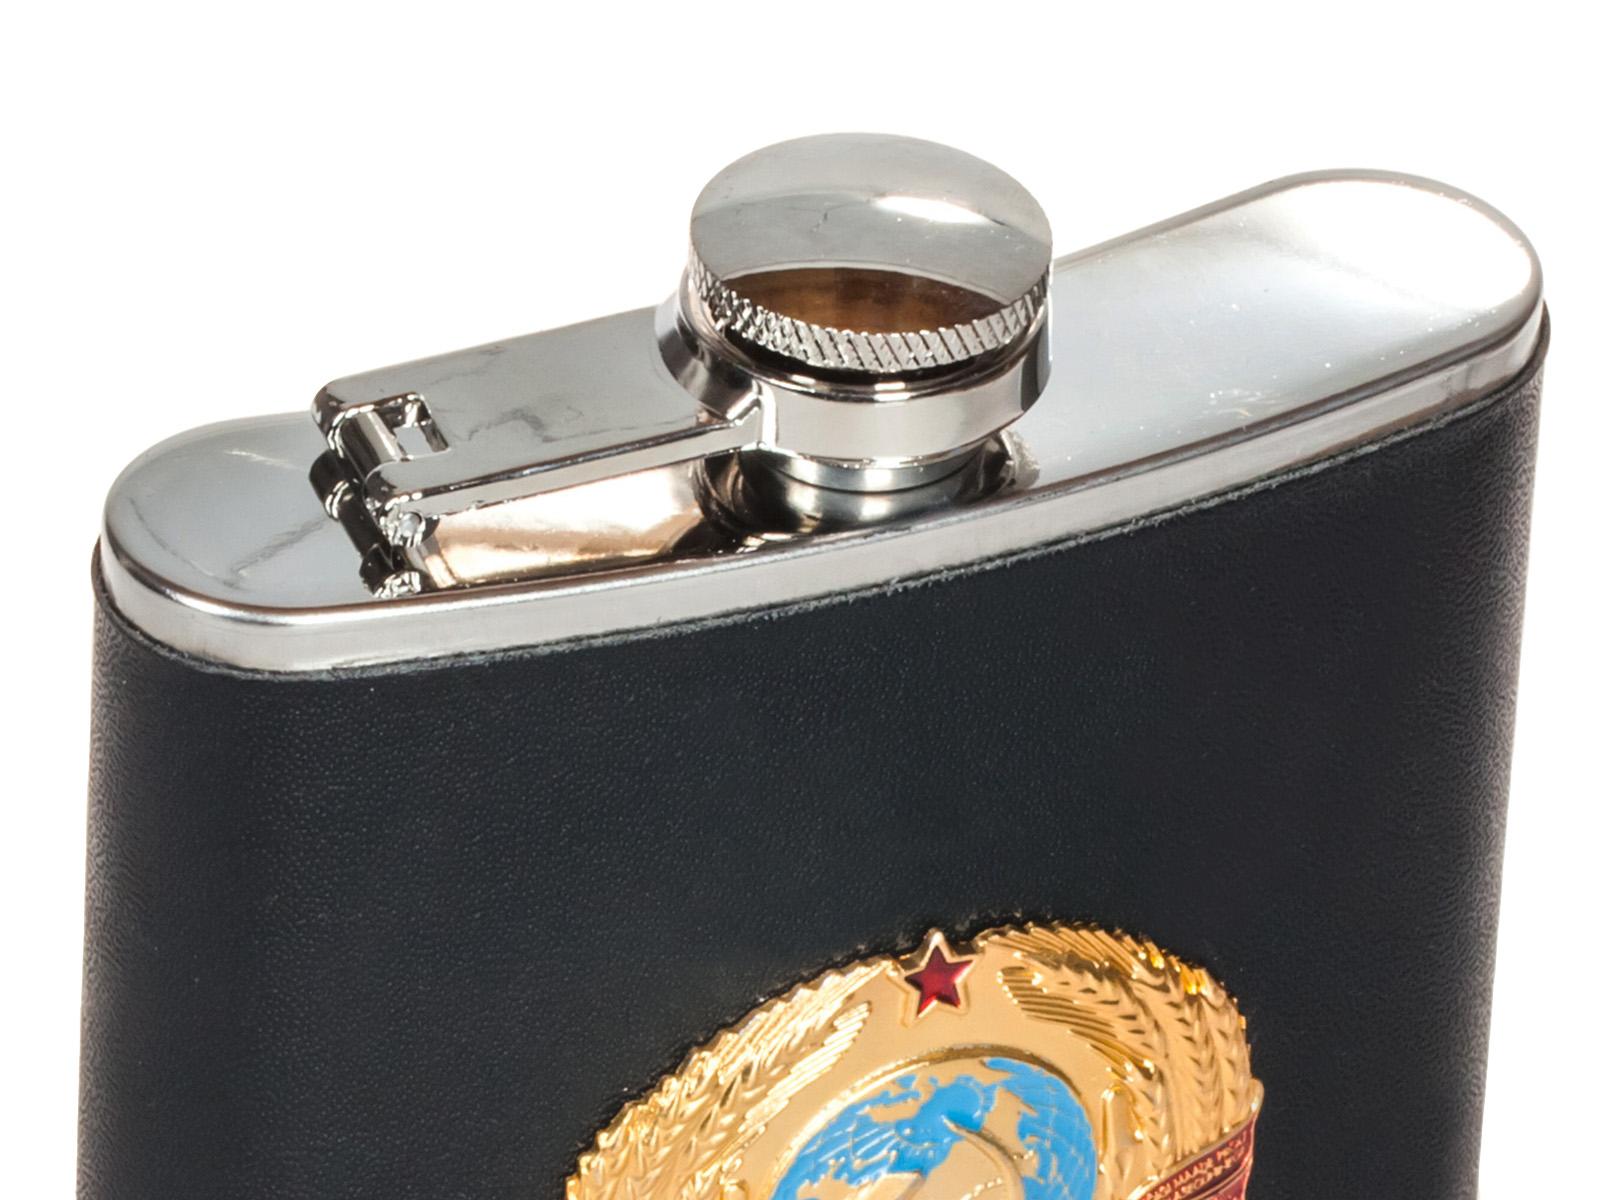 Фляжка с гербом СССР - обтянутая кожей черного цвета, металлическая накладка